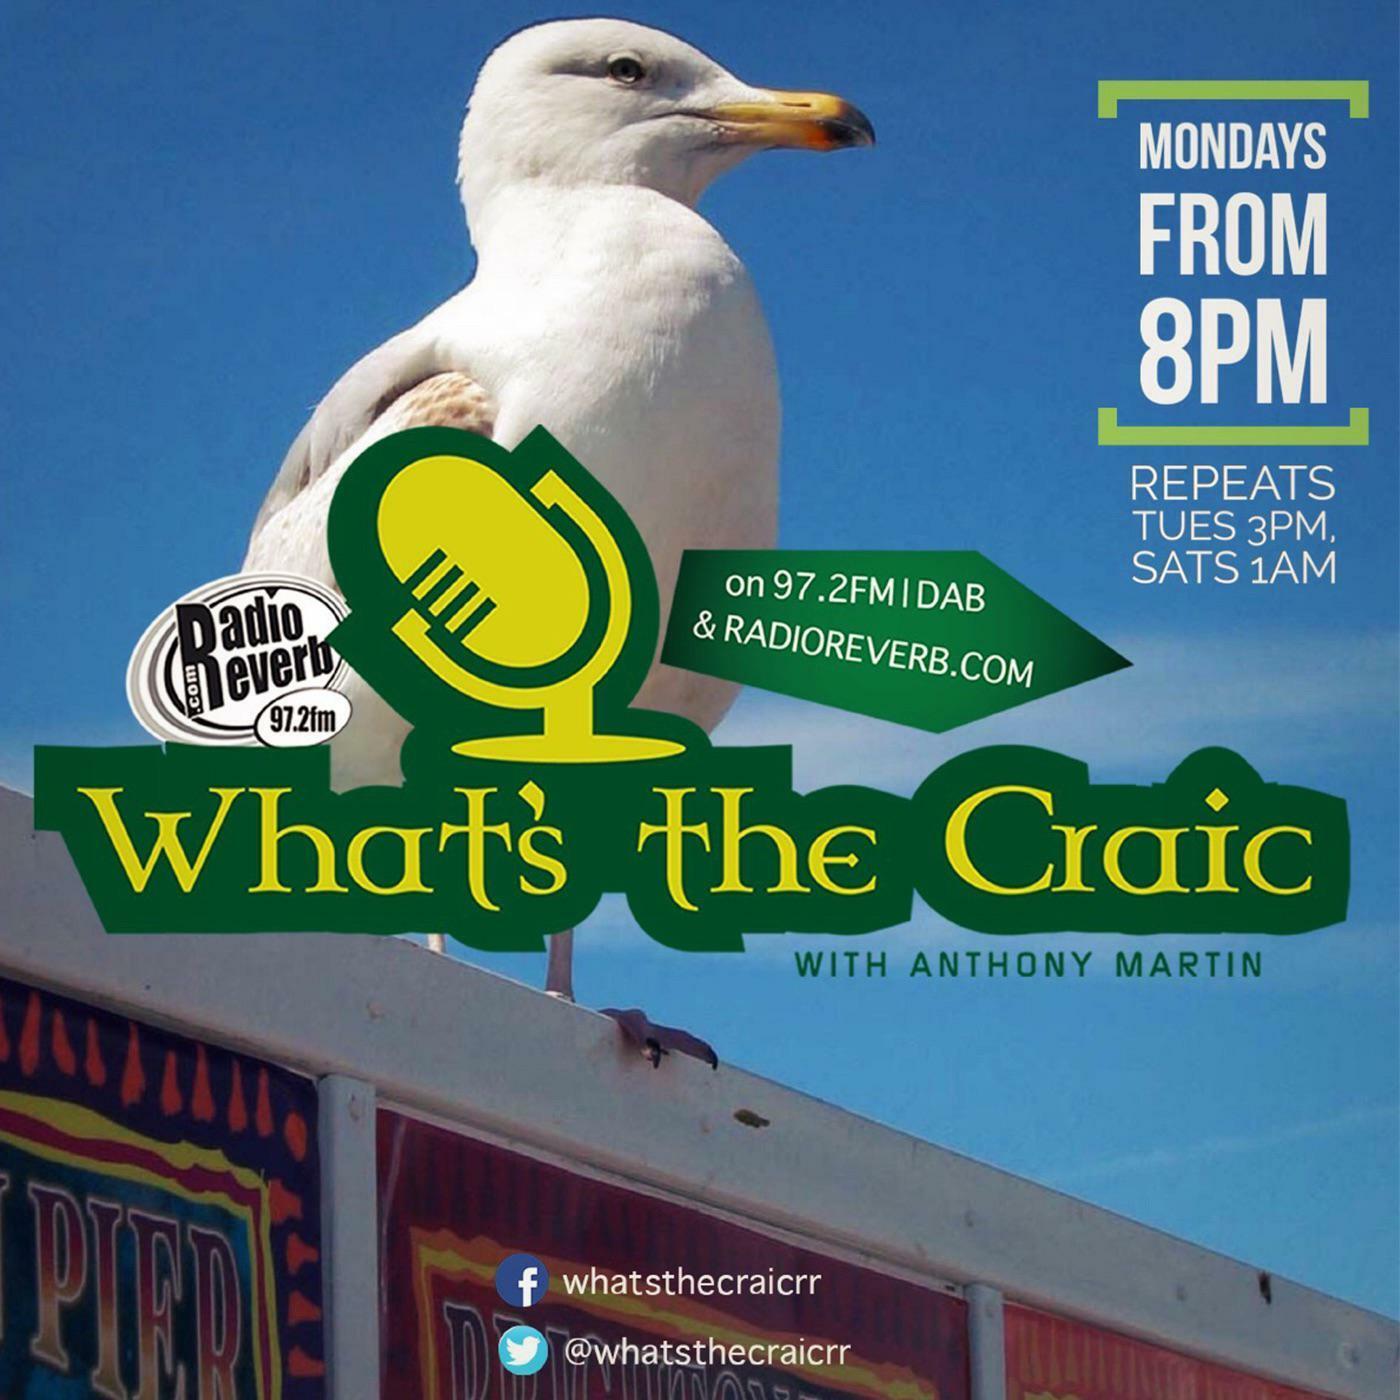 Whats The Craic with Anthony Martin - Brighton's Irish radio show